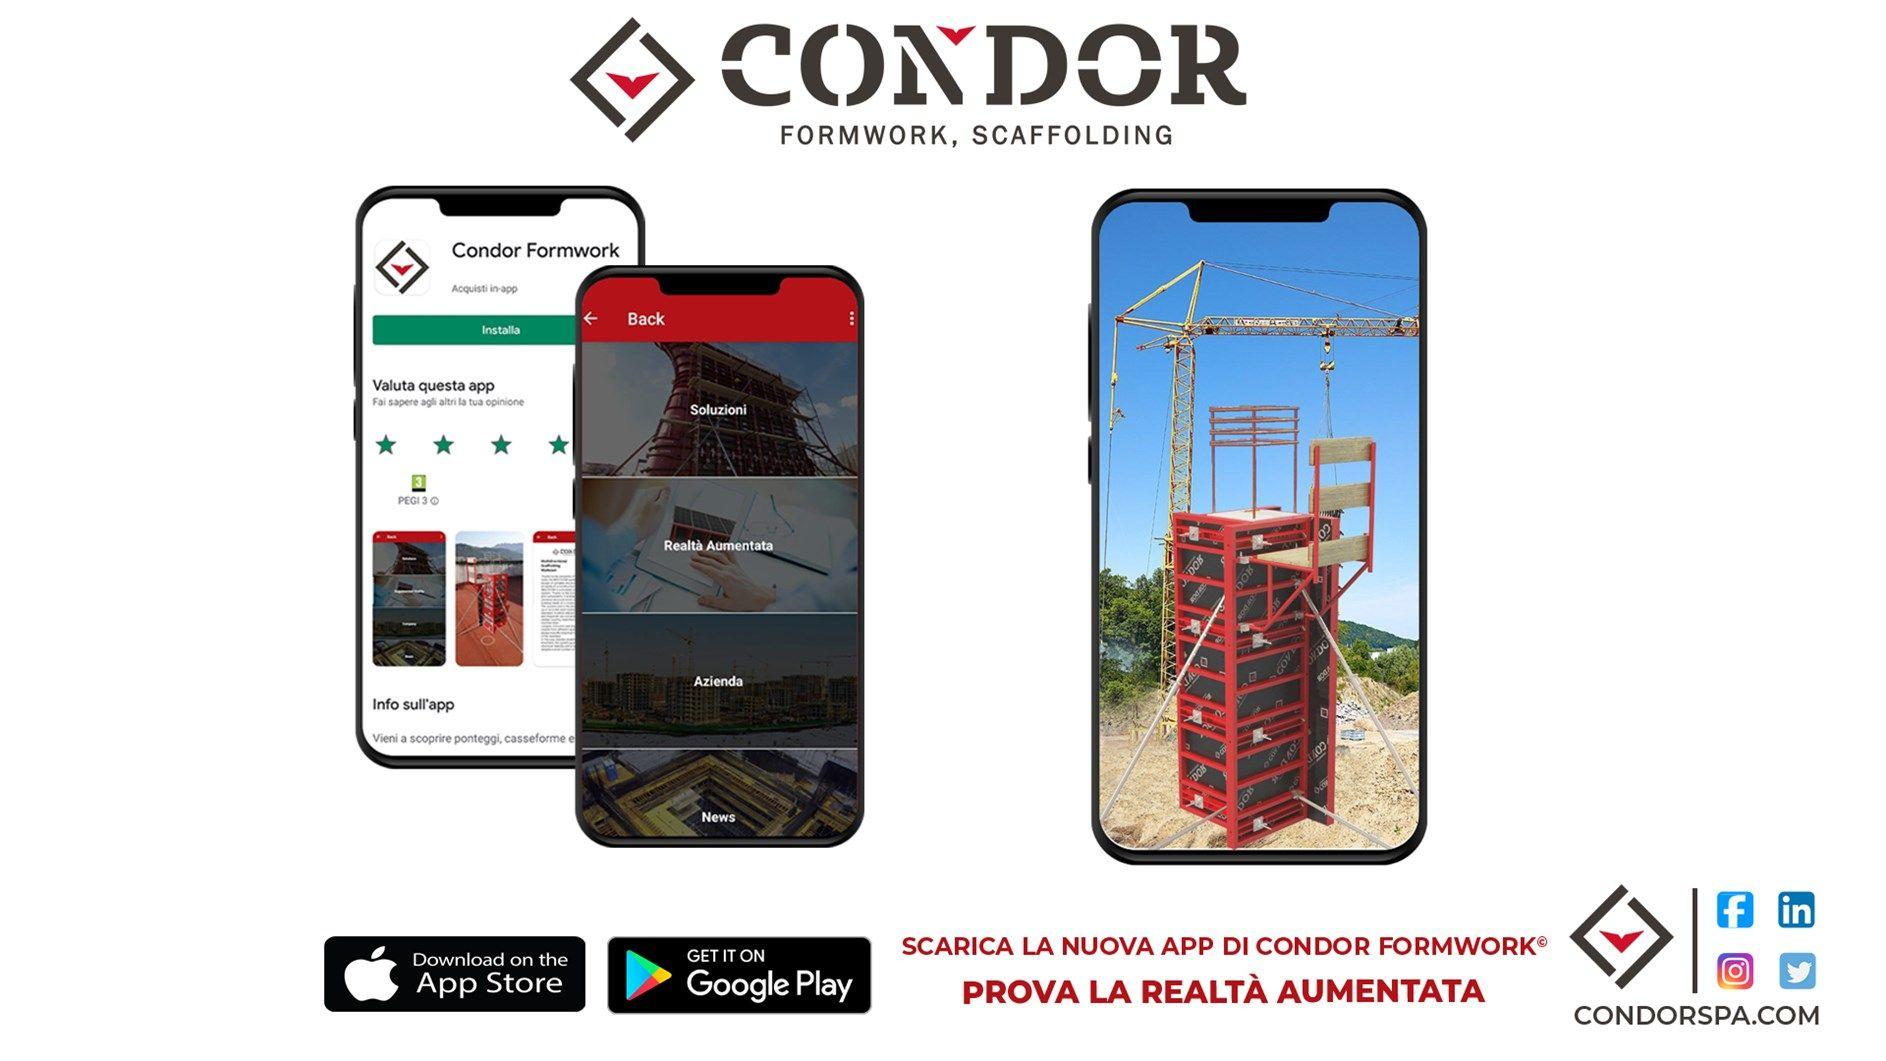 Casseforme e Ponteggi in AR: Condor presenta la sua nuova App